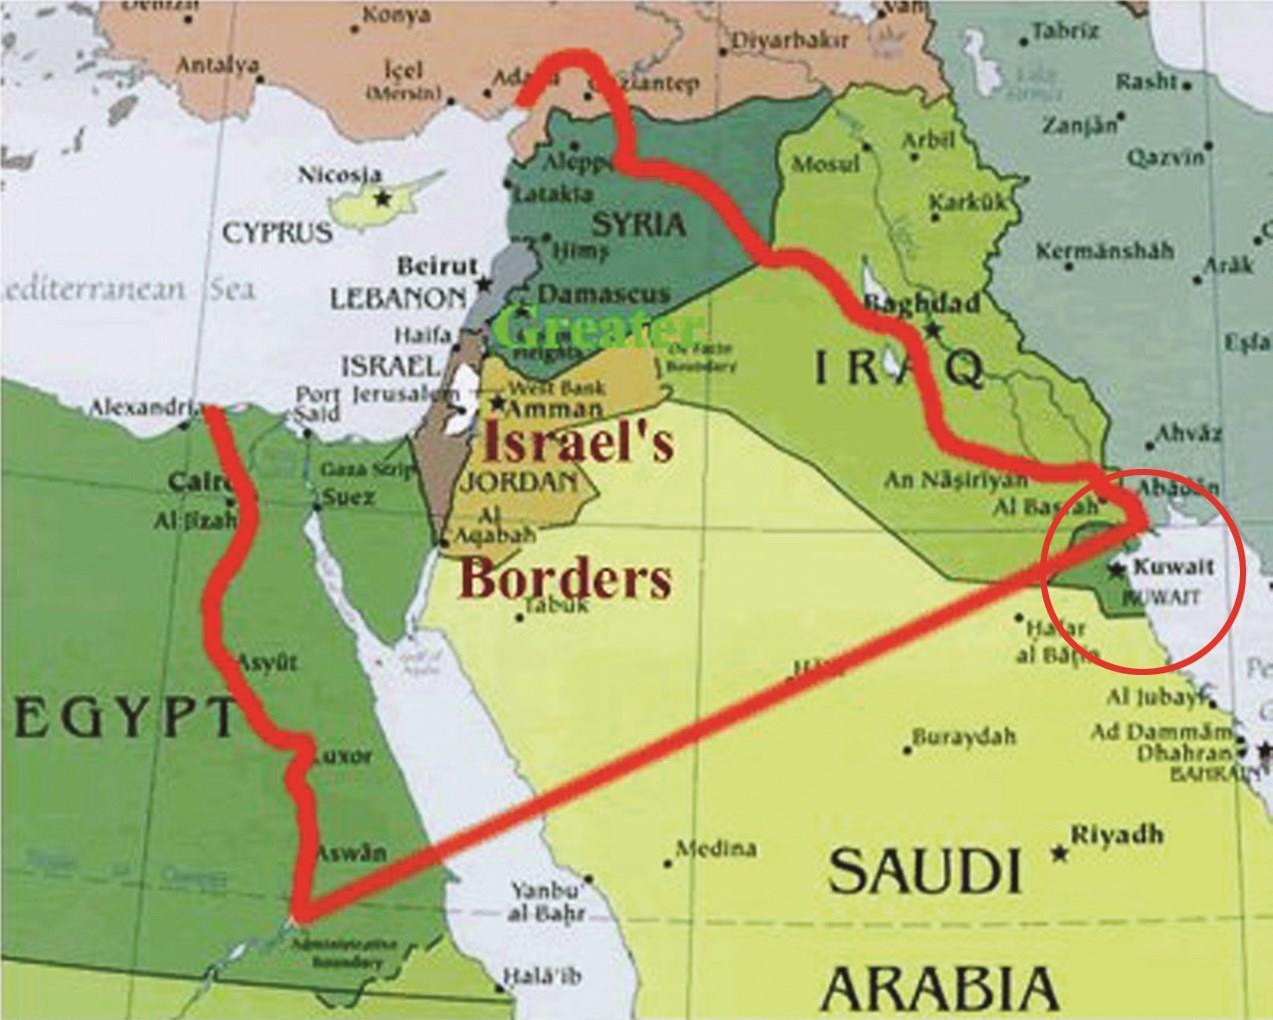 خريطة إسرائيل الكبرى